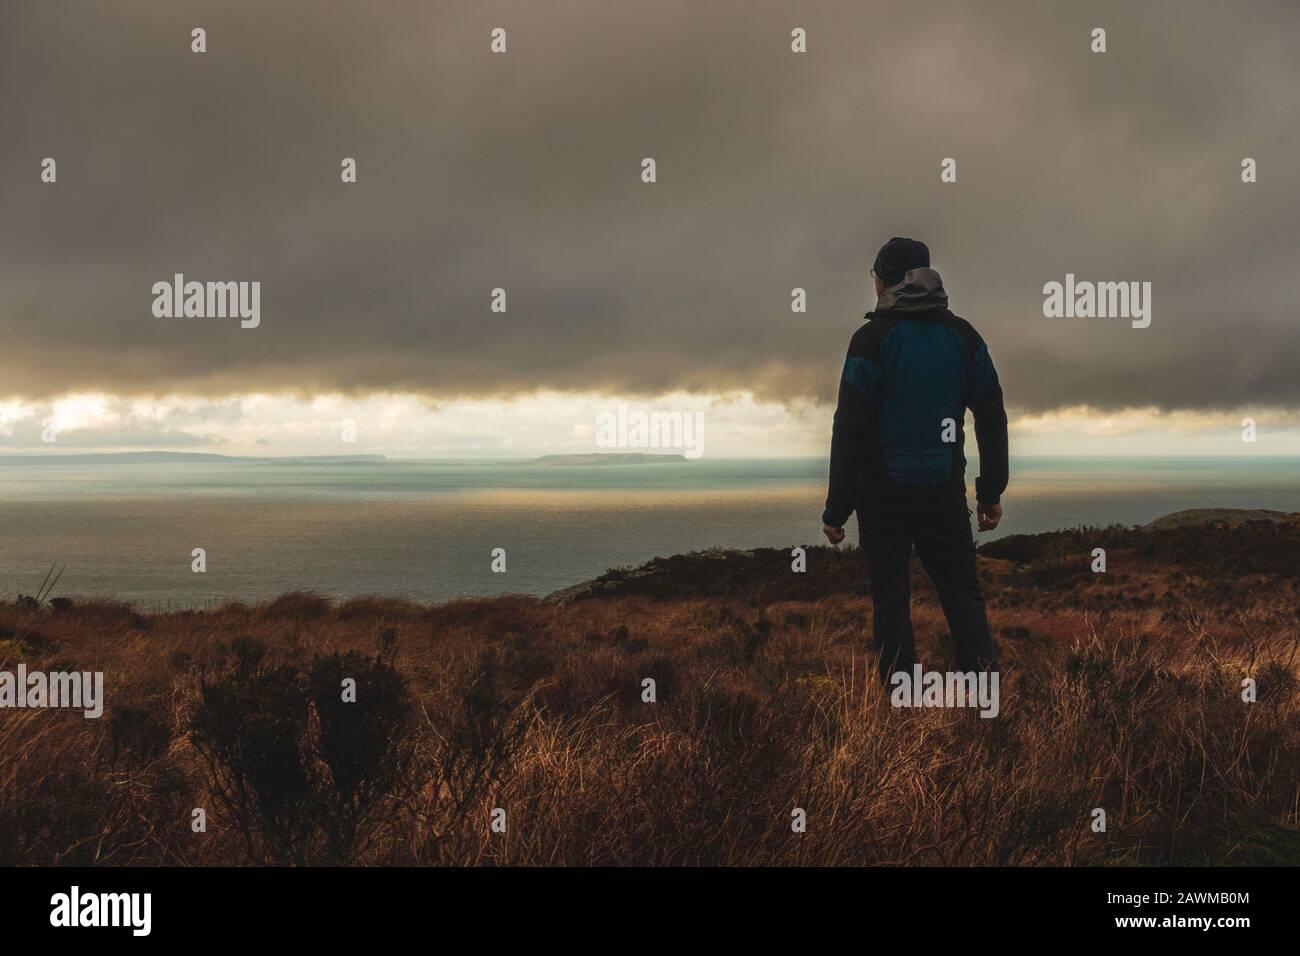 Persona admirando las vistas desde el Mull of Kintyre a Irlanda del Norte y la isla Rathlin en condiciones meteorológicas dramáticas en invierno, Escocia, Reino Unido Foto de stock